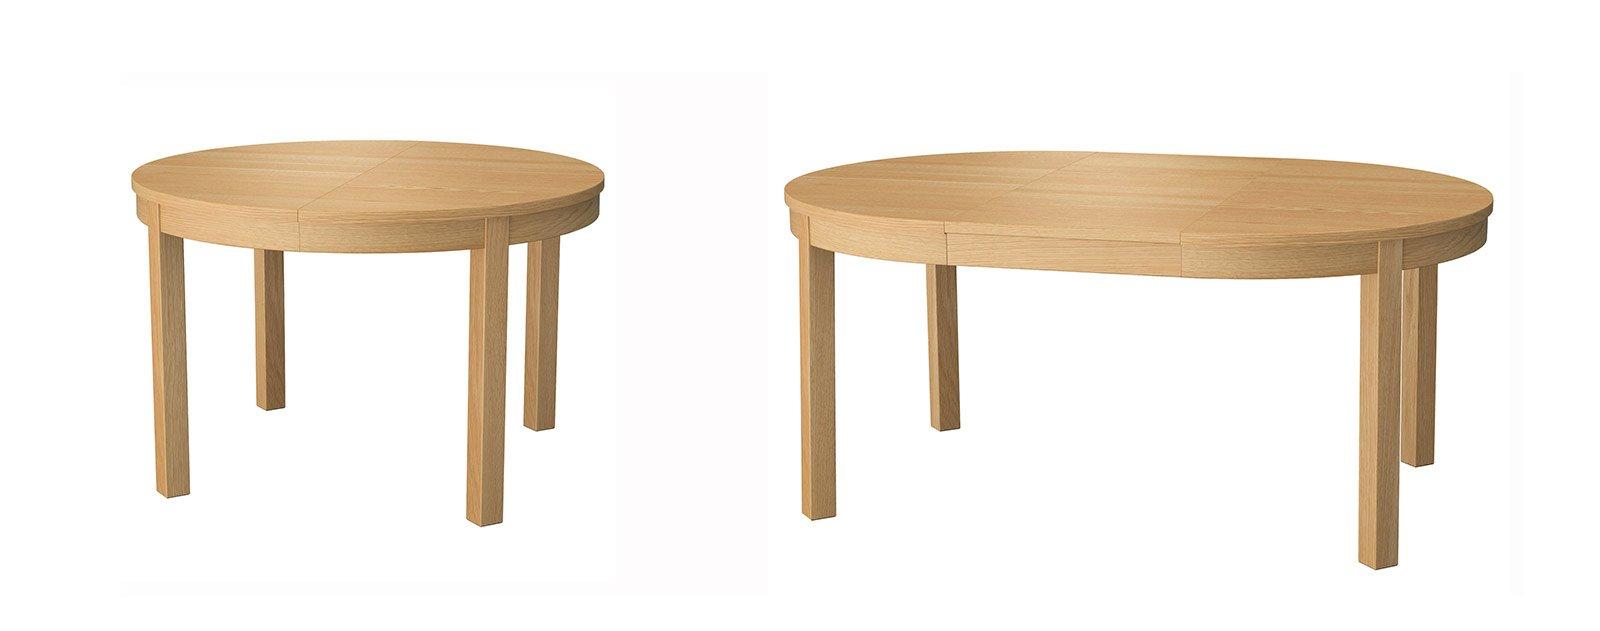 Tavoli allungabili cose di casa - Dimensioni tavolo tondo 4 persone ...